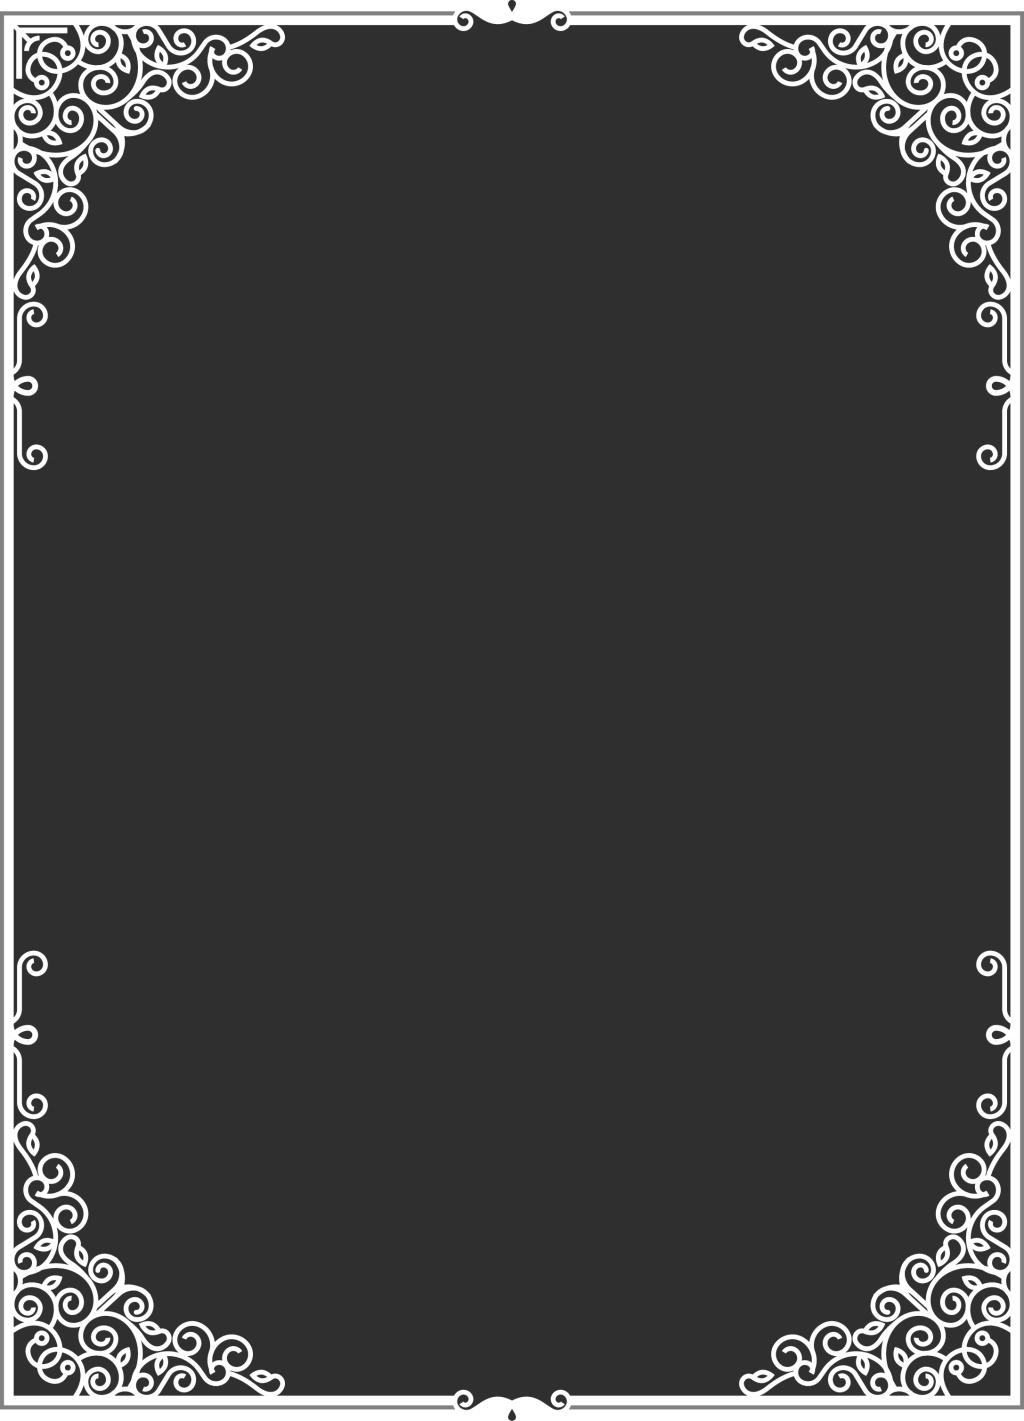 传统图案 古典花纹 装饰花纹 复古花纹 花纹花边 底纹边框 eps 灰色